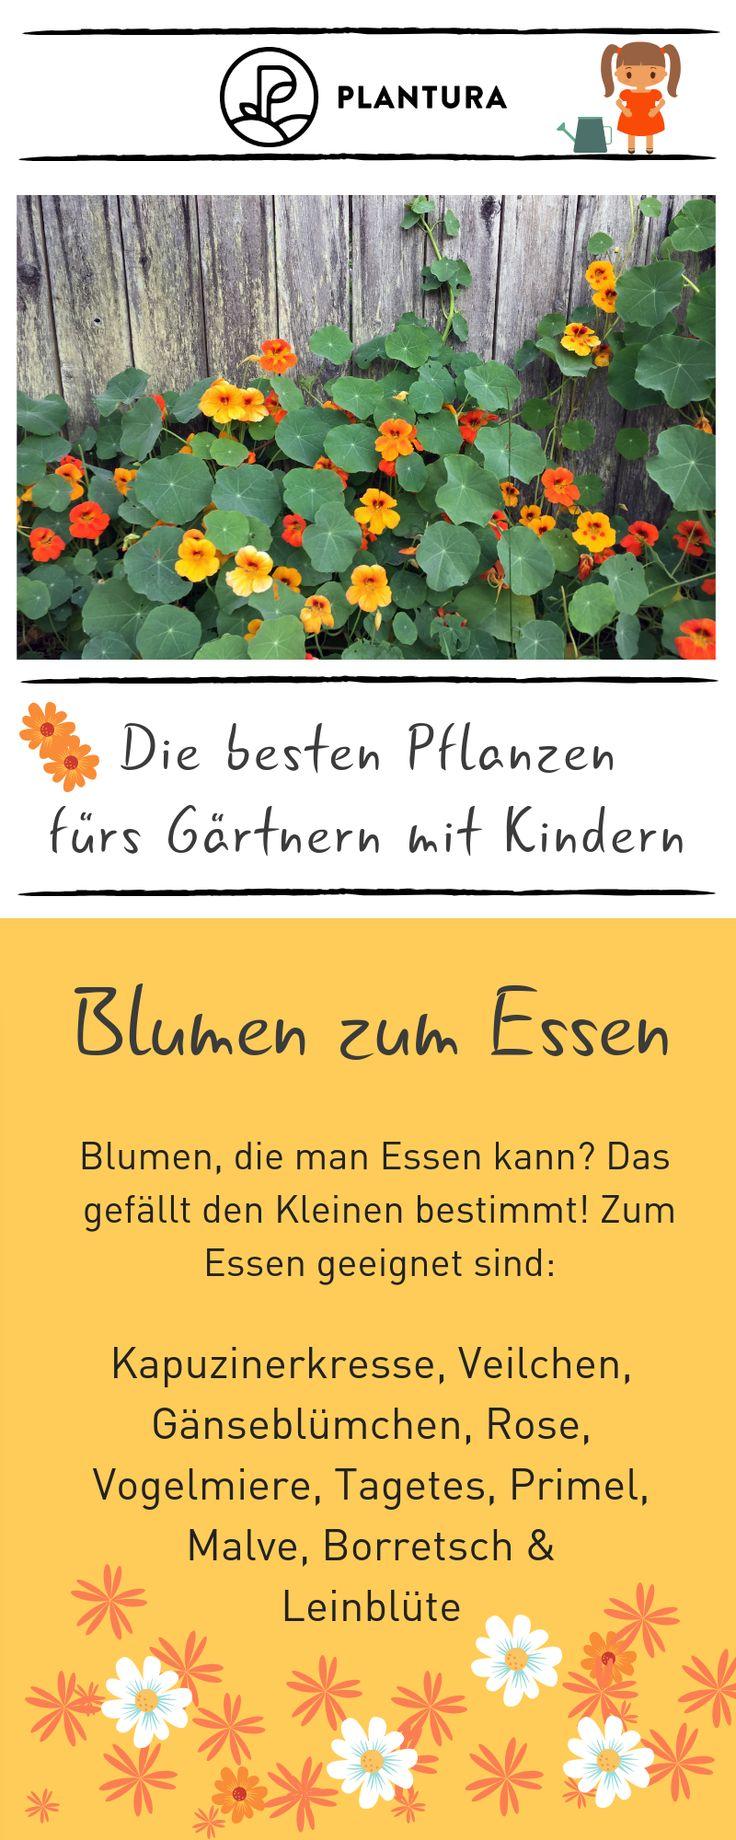 The best plants for gardening with children  – Gärtnern mit Kindern